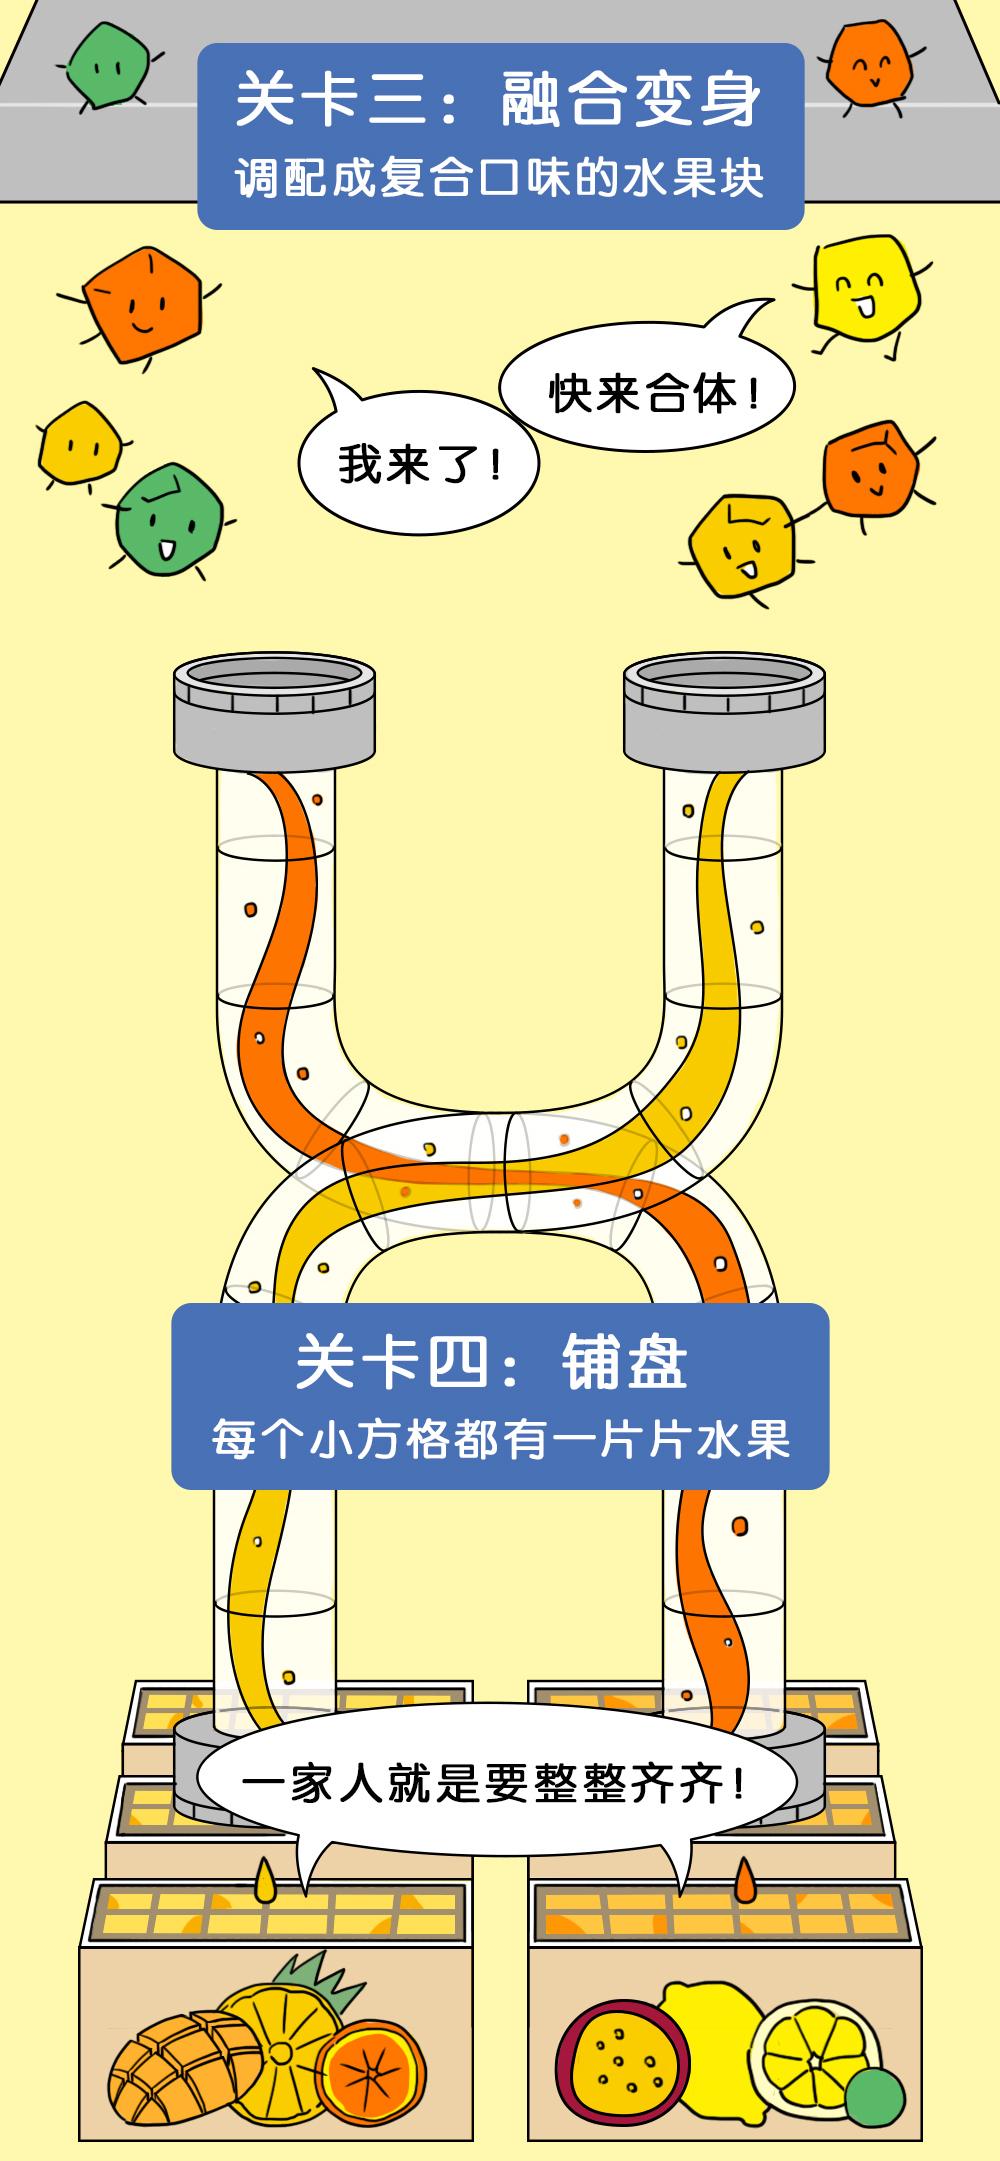 一块果萃FD冻干技术科普手绘长图切图-04